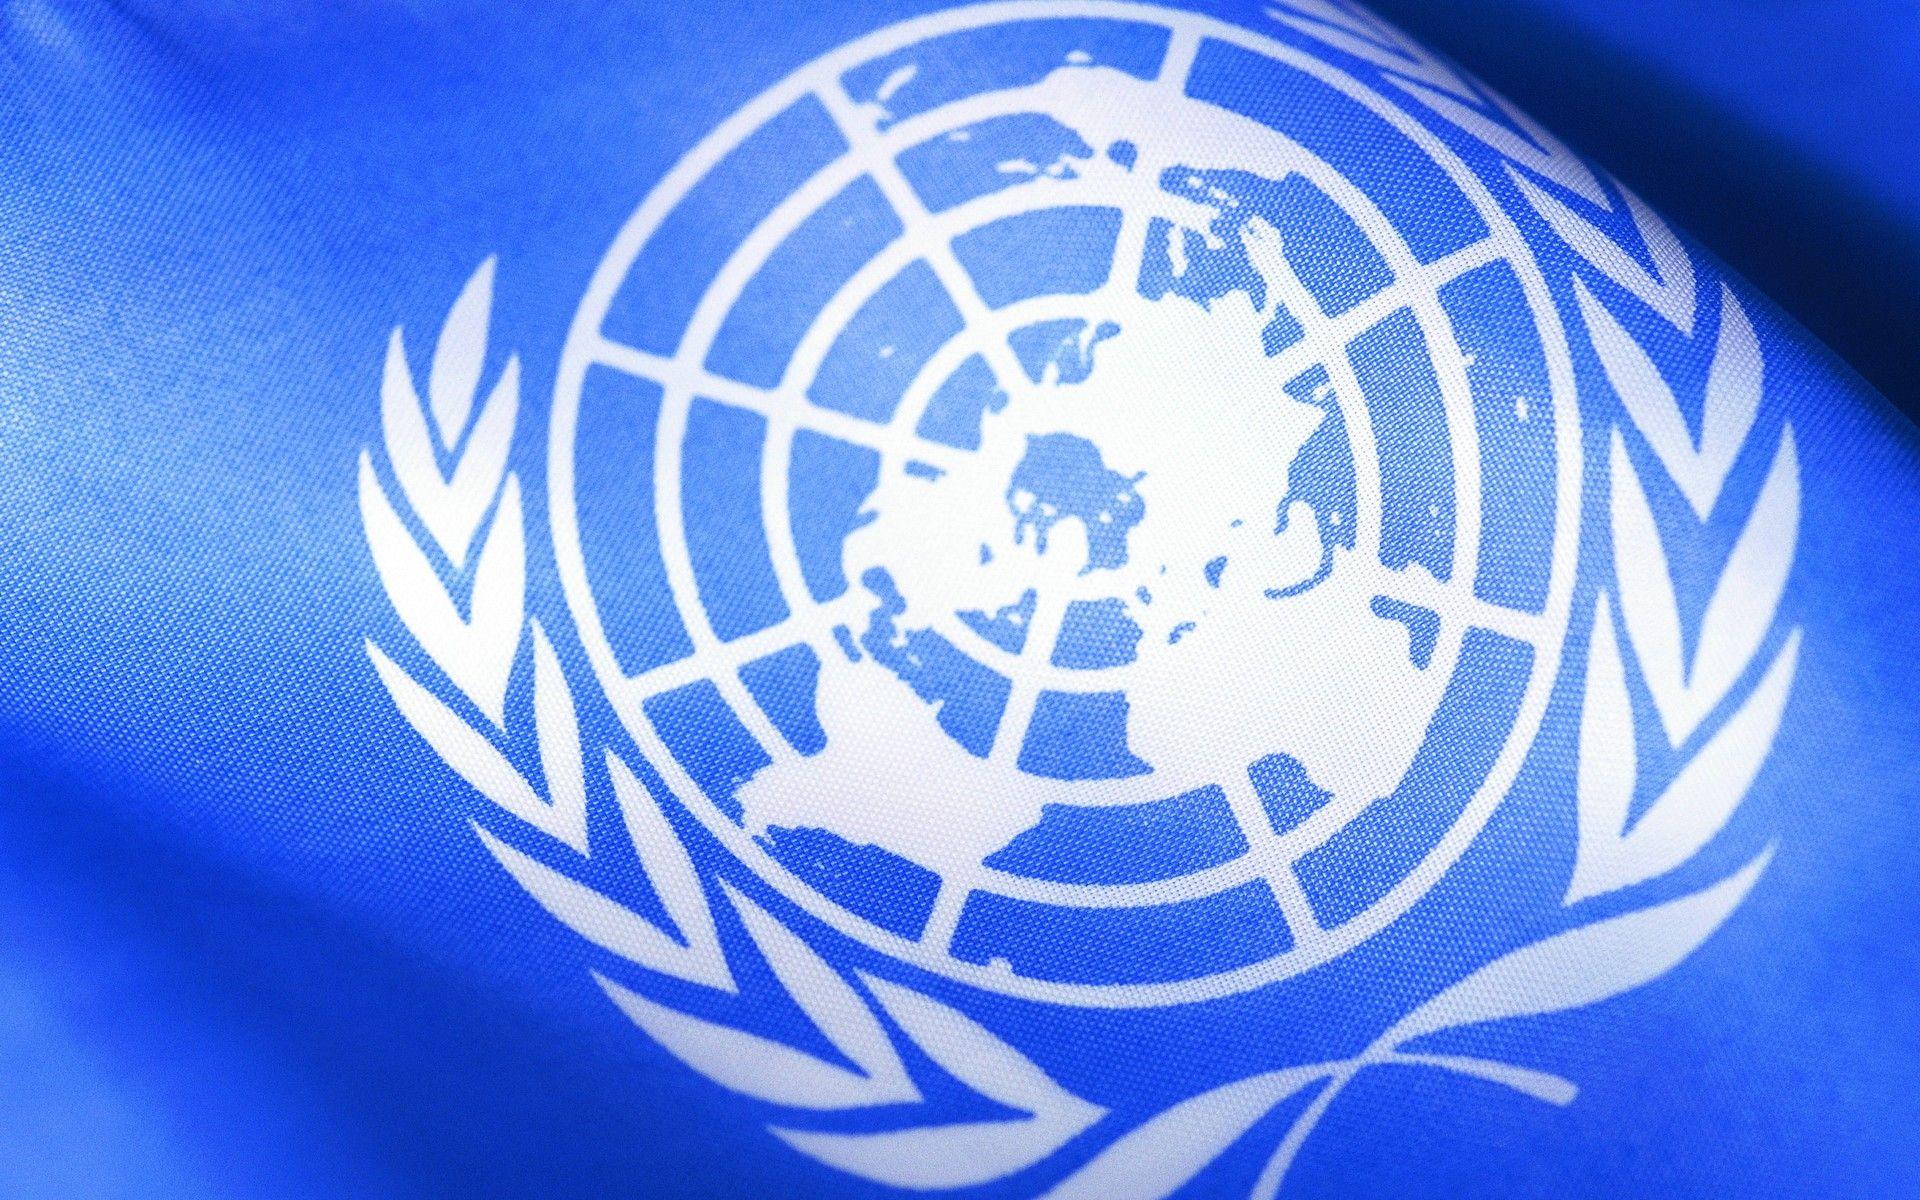 Президент прокомментировал принятие Генассамблеей ООН резолюции против милитаризации оккупированного Крыма / 5.ua